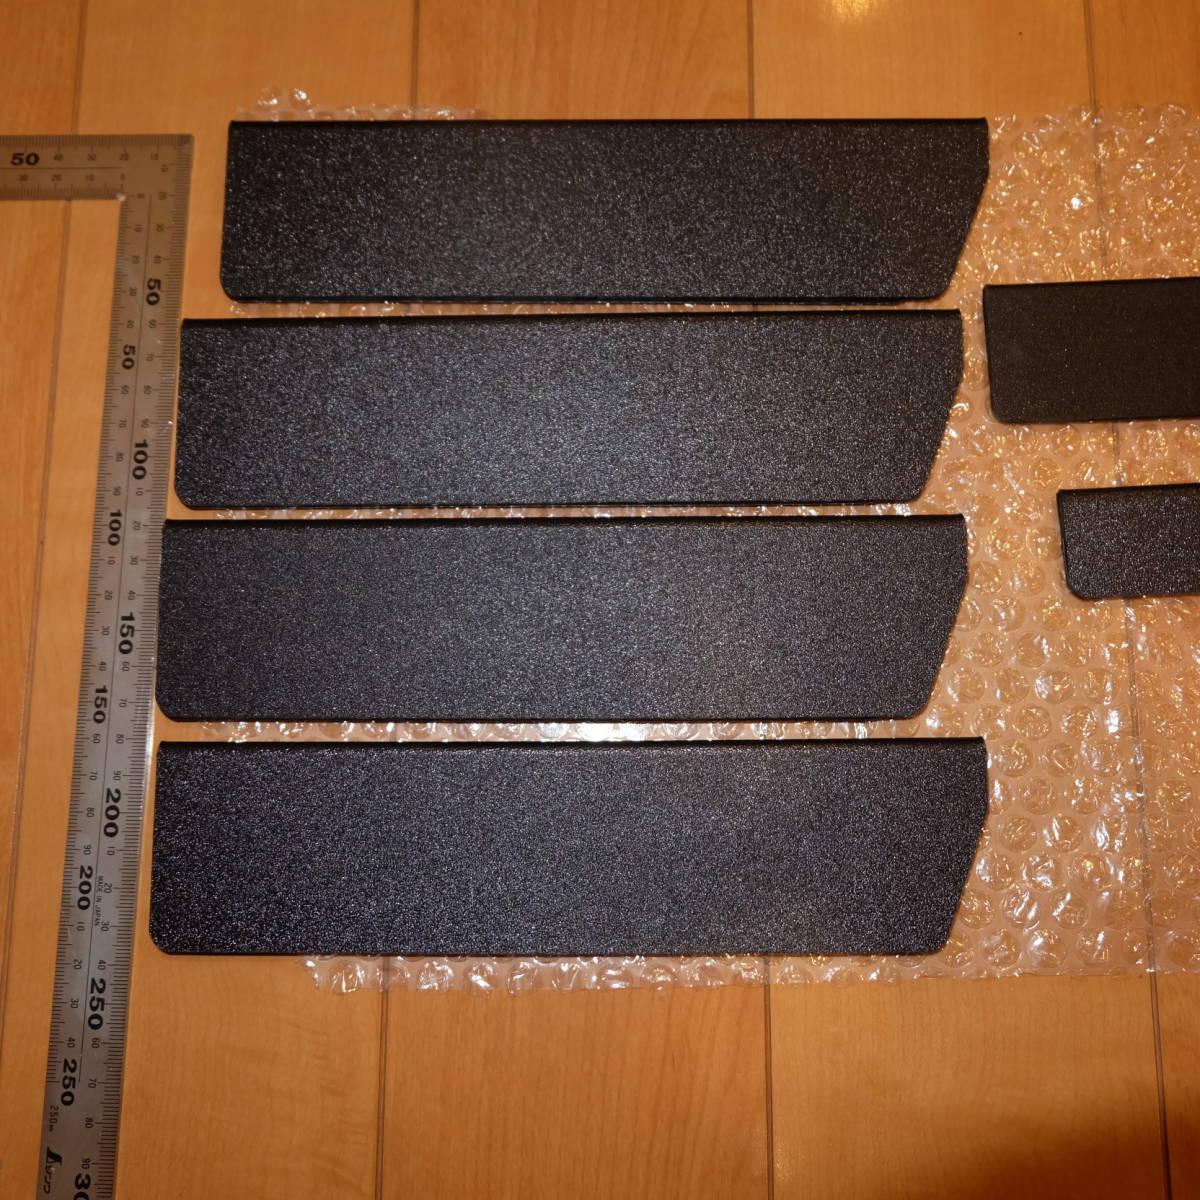 送料無料 包丁ケース 6個セット ガード 保護 ナイフケース 刃物 エッジプロテクター シース キャンプ アウトドア